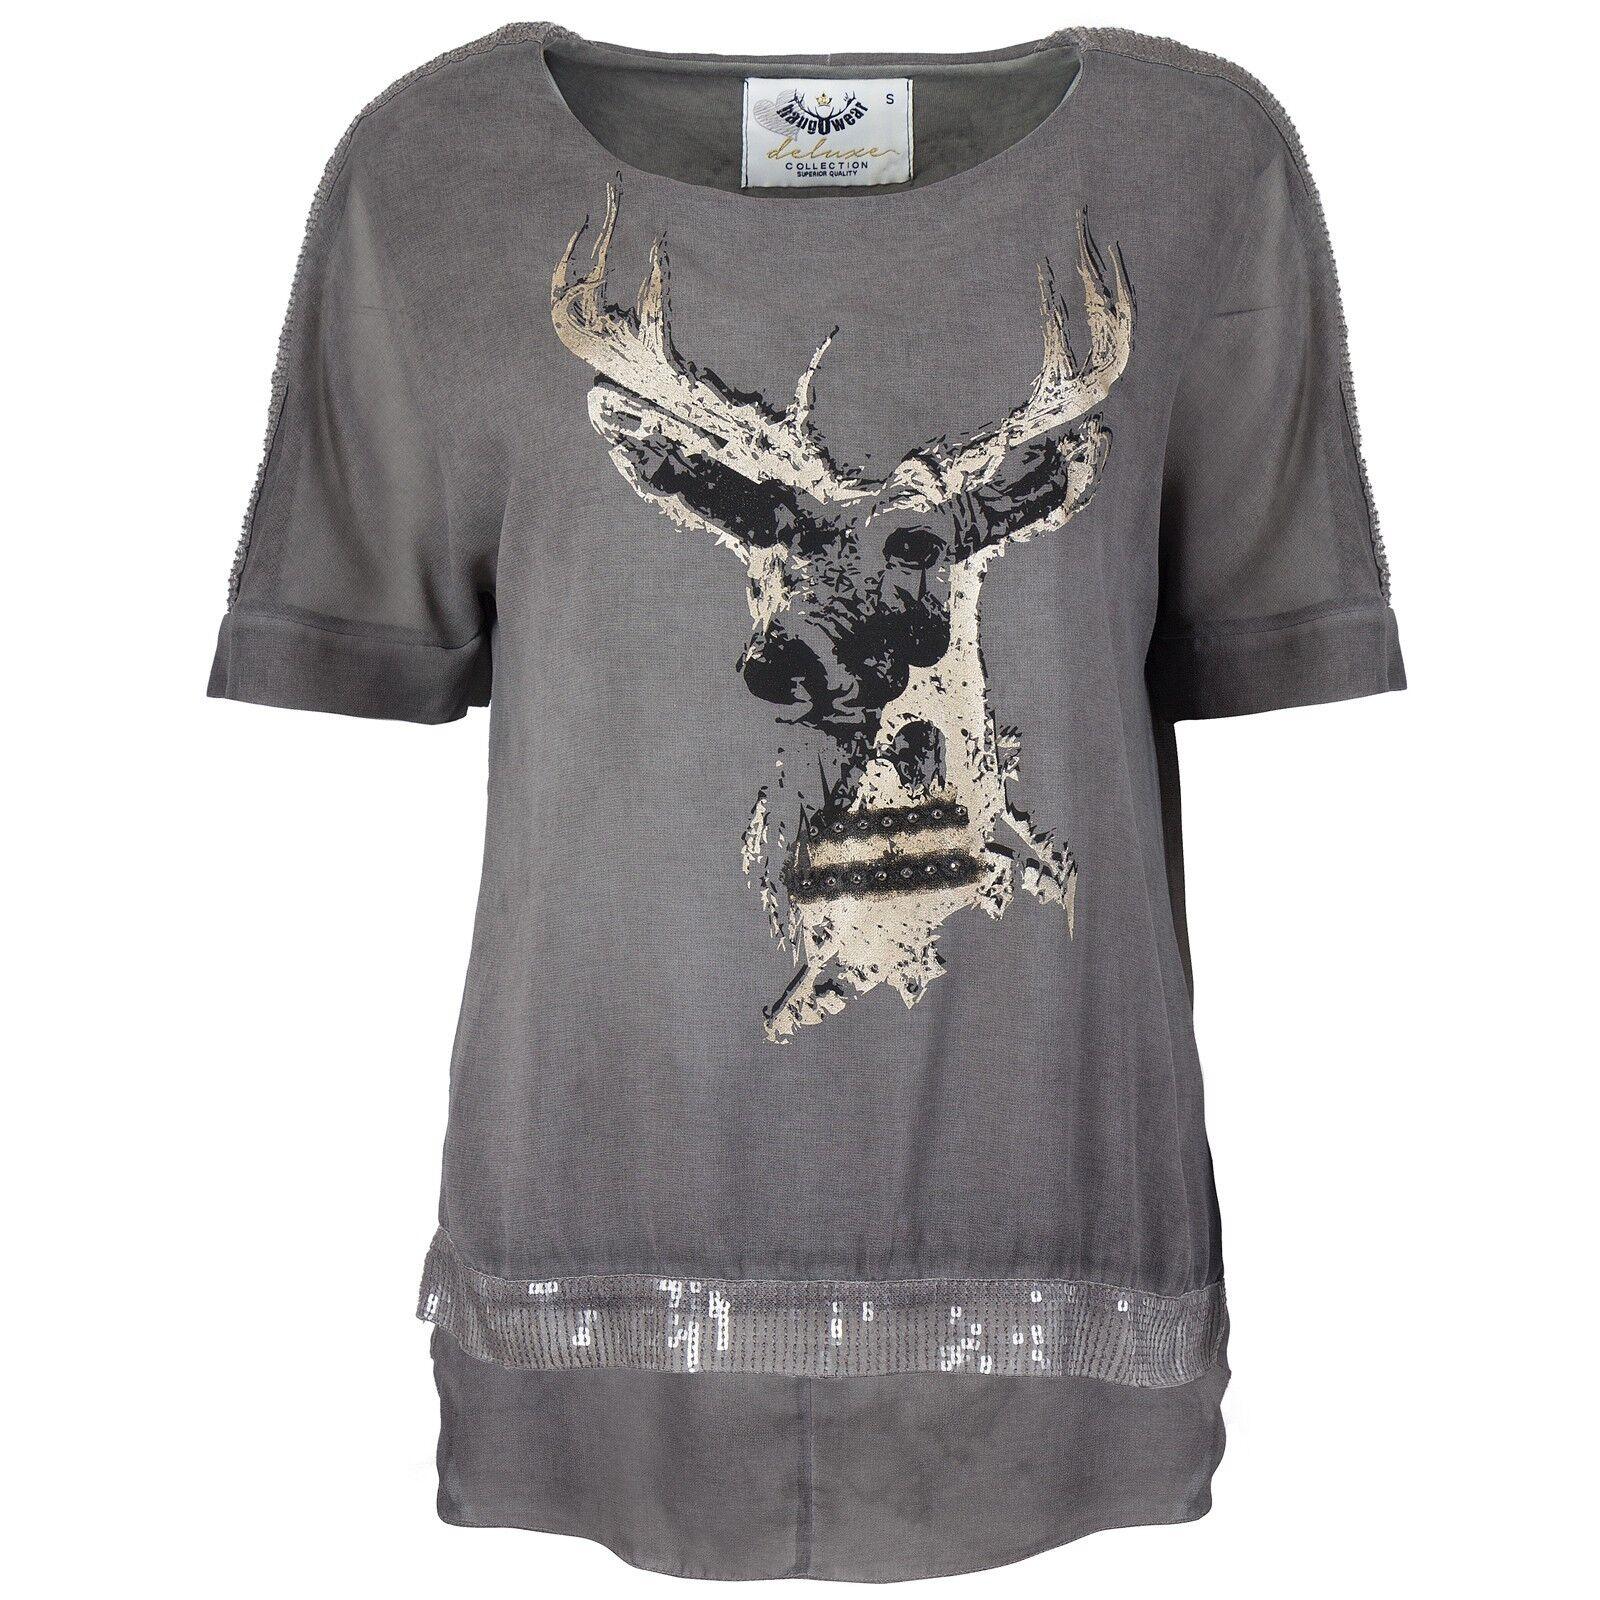 HangOwear Damen Trachten Shirt T-Shirt Top Oktoberfest Pailletten Hirschkopf